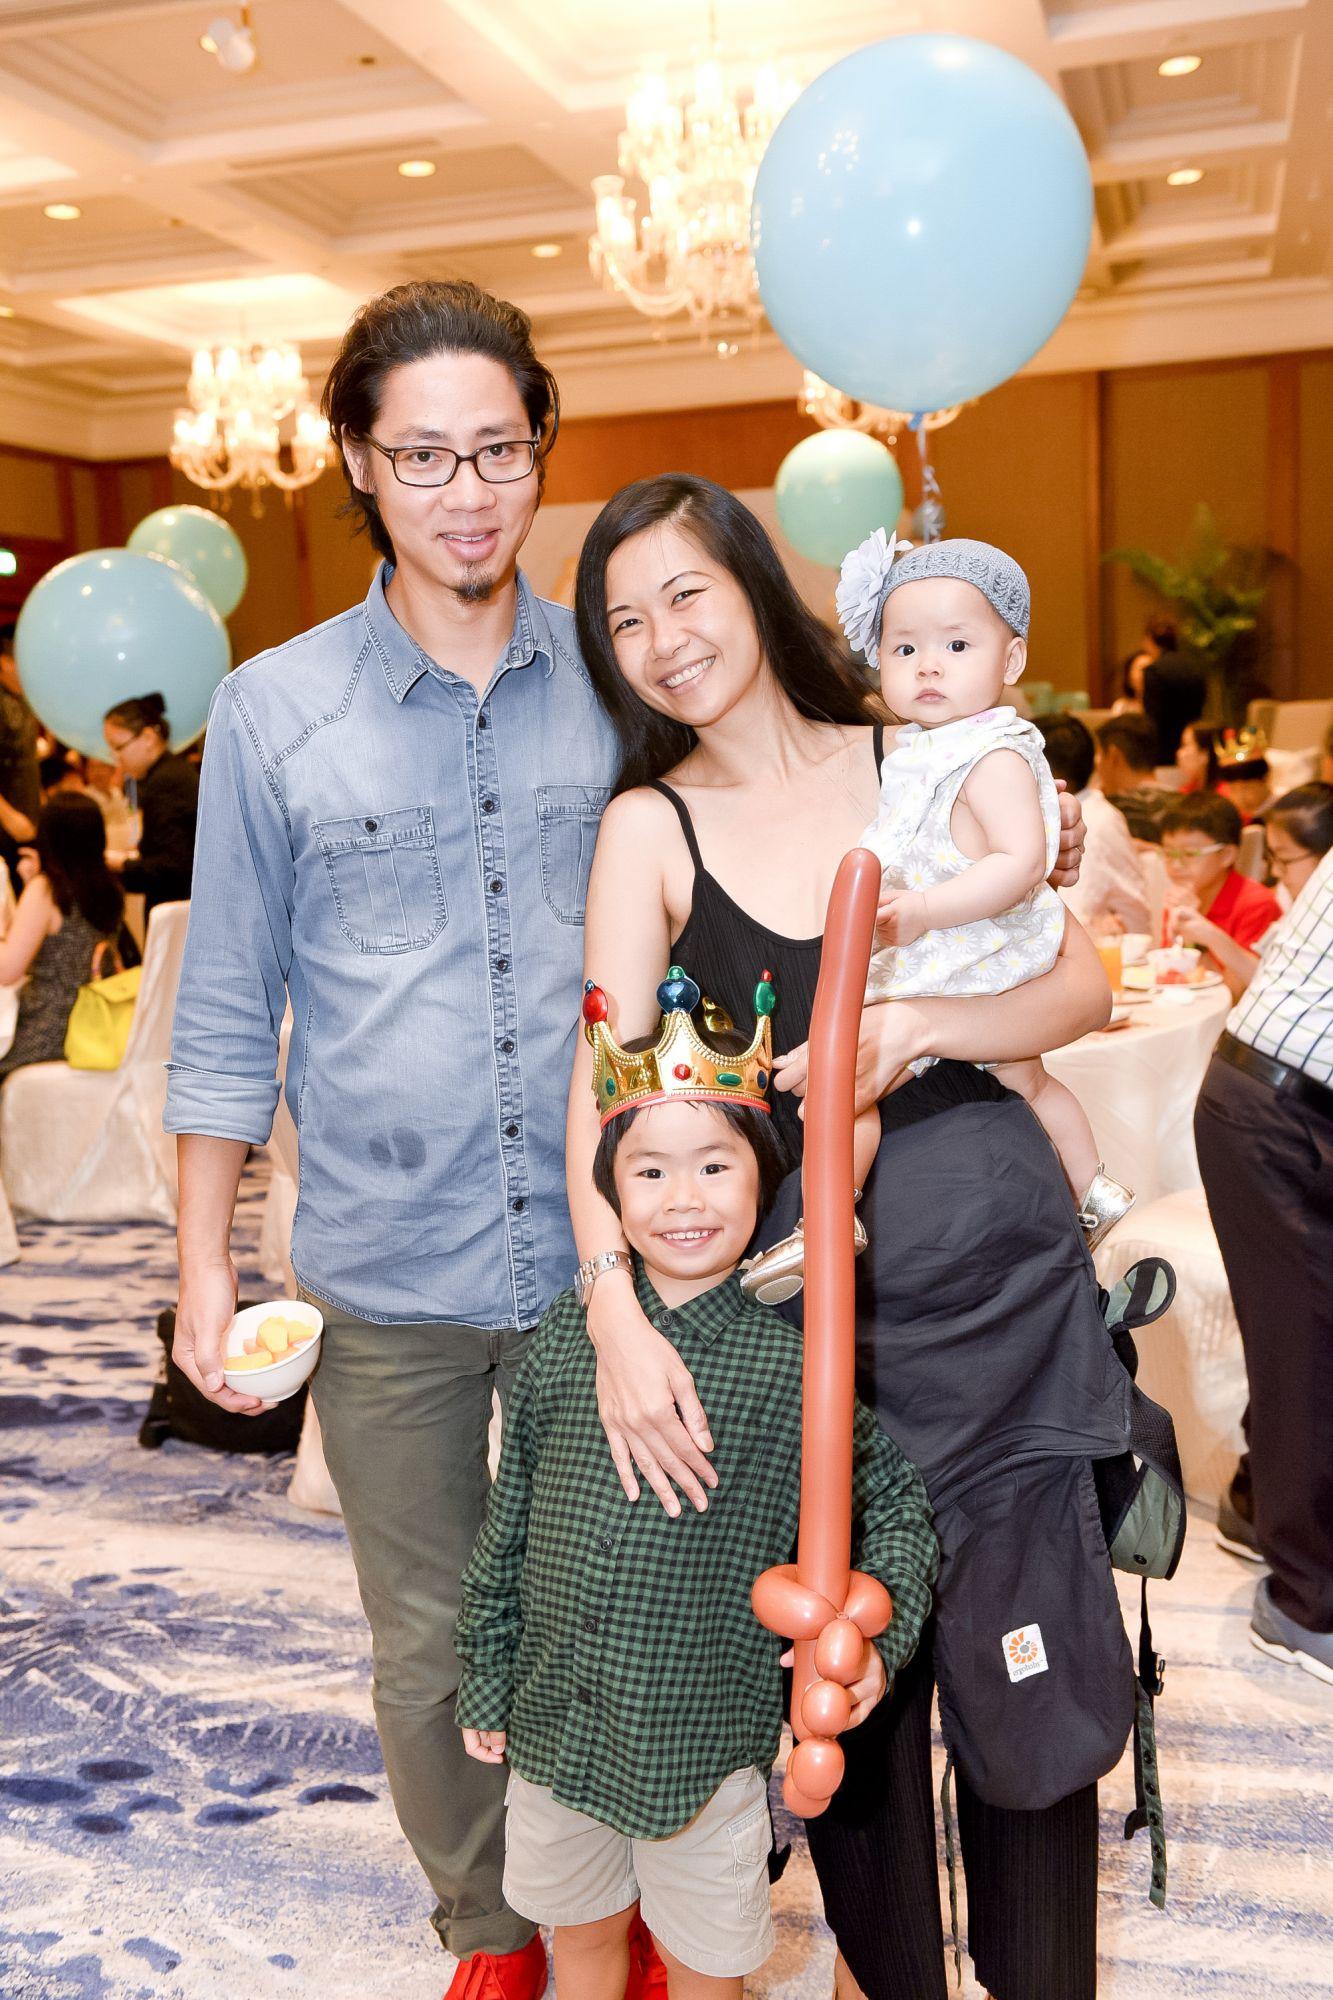 Mak Hon Yue, Belynda Sim-Mak, and kids